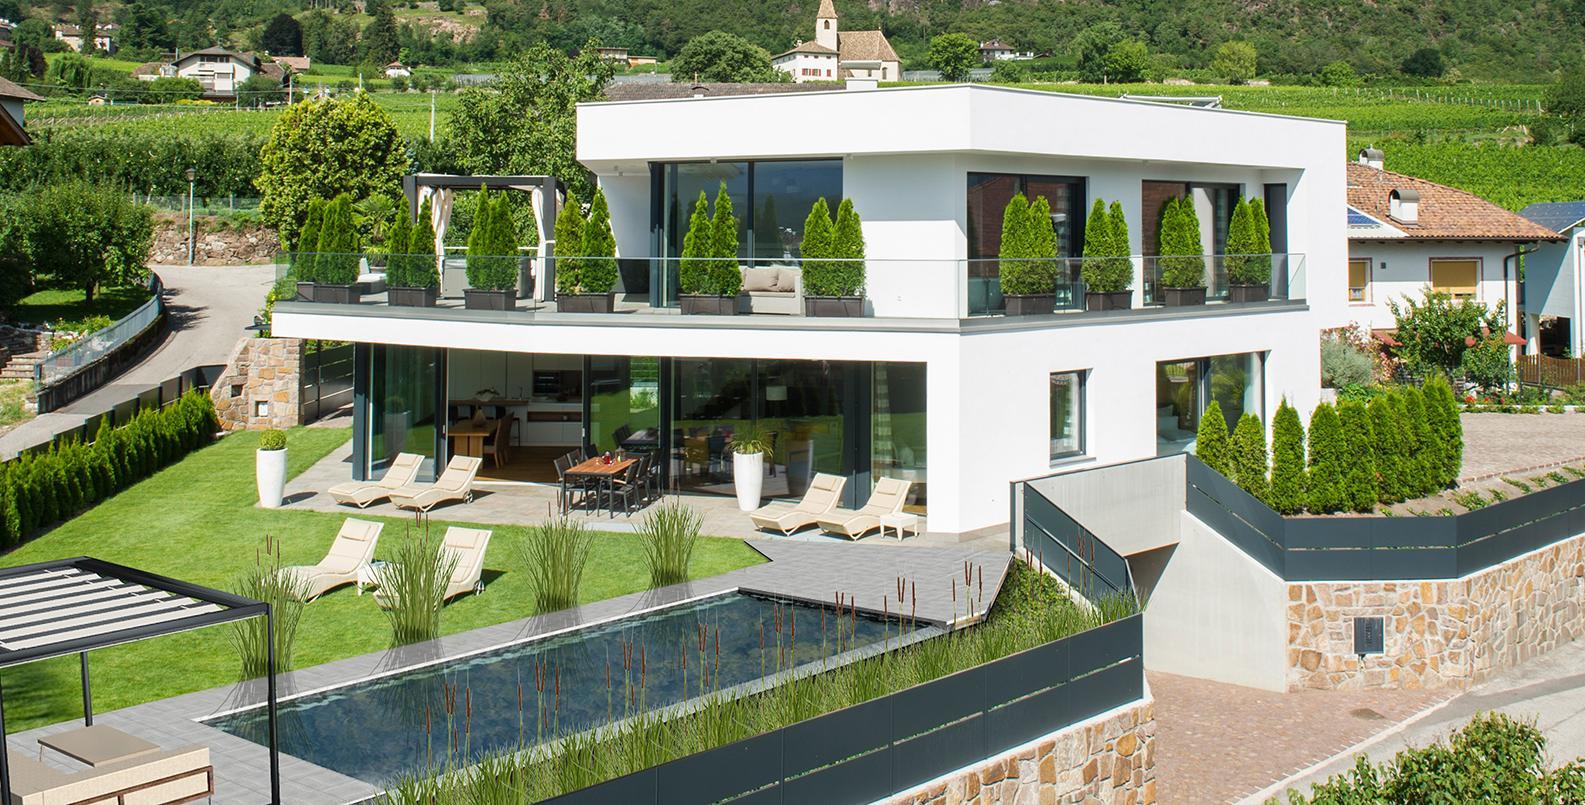 exklusives ferienhaus villa mit pool in s dtirol villa aich bei bozen. Black Bedroom Furniture Sets. Home Design Ideas